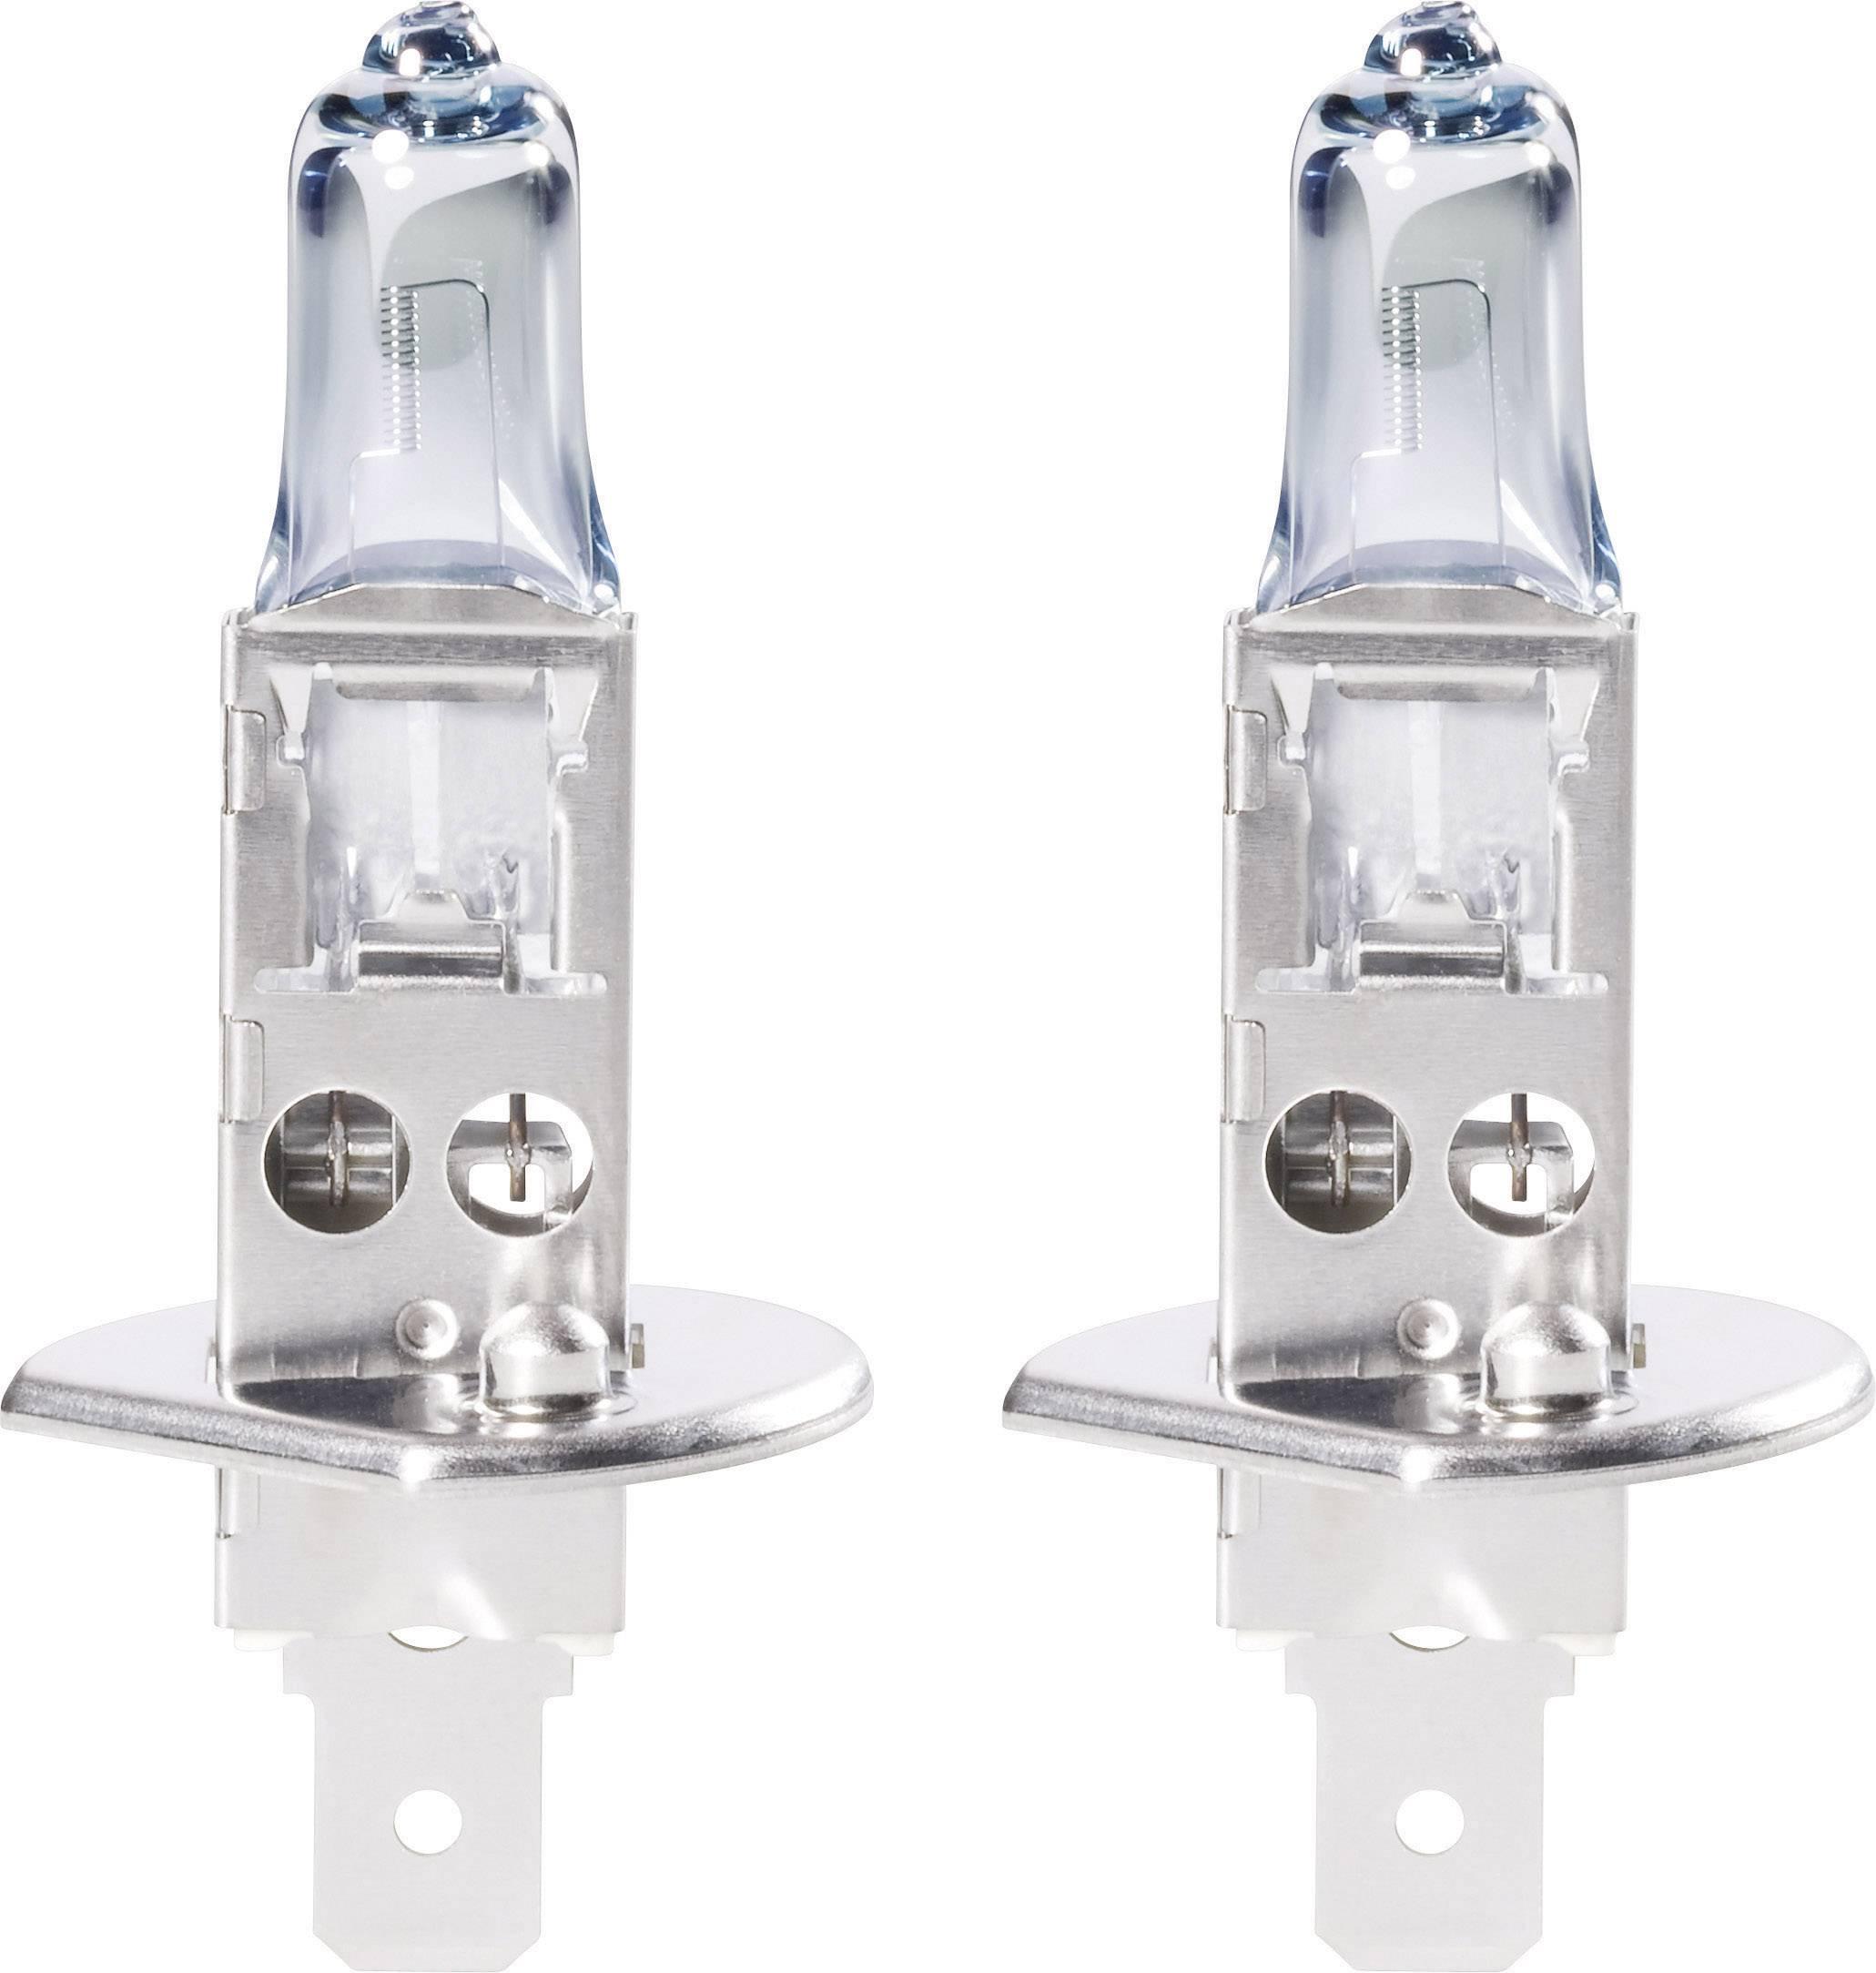 Halogénová žiarovka Neolux N448B55W12VP14.5S10X2 N448B, H1, 55 W, 1 pár